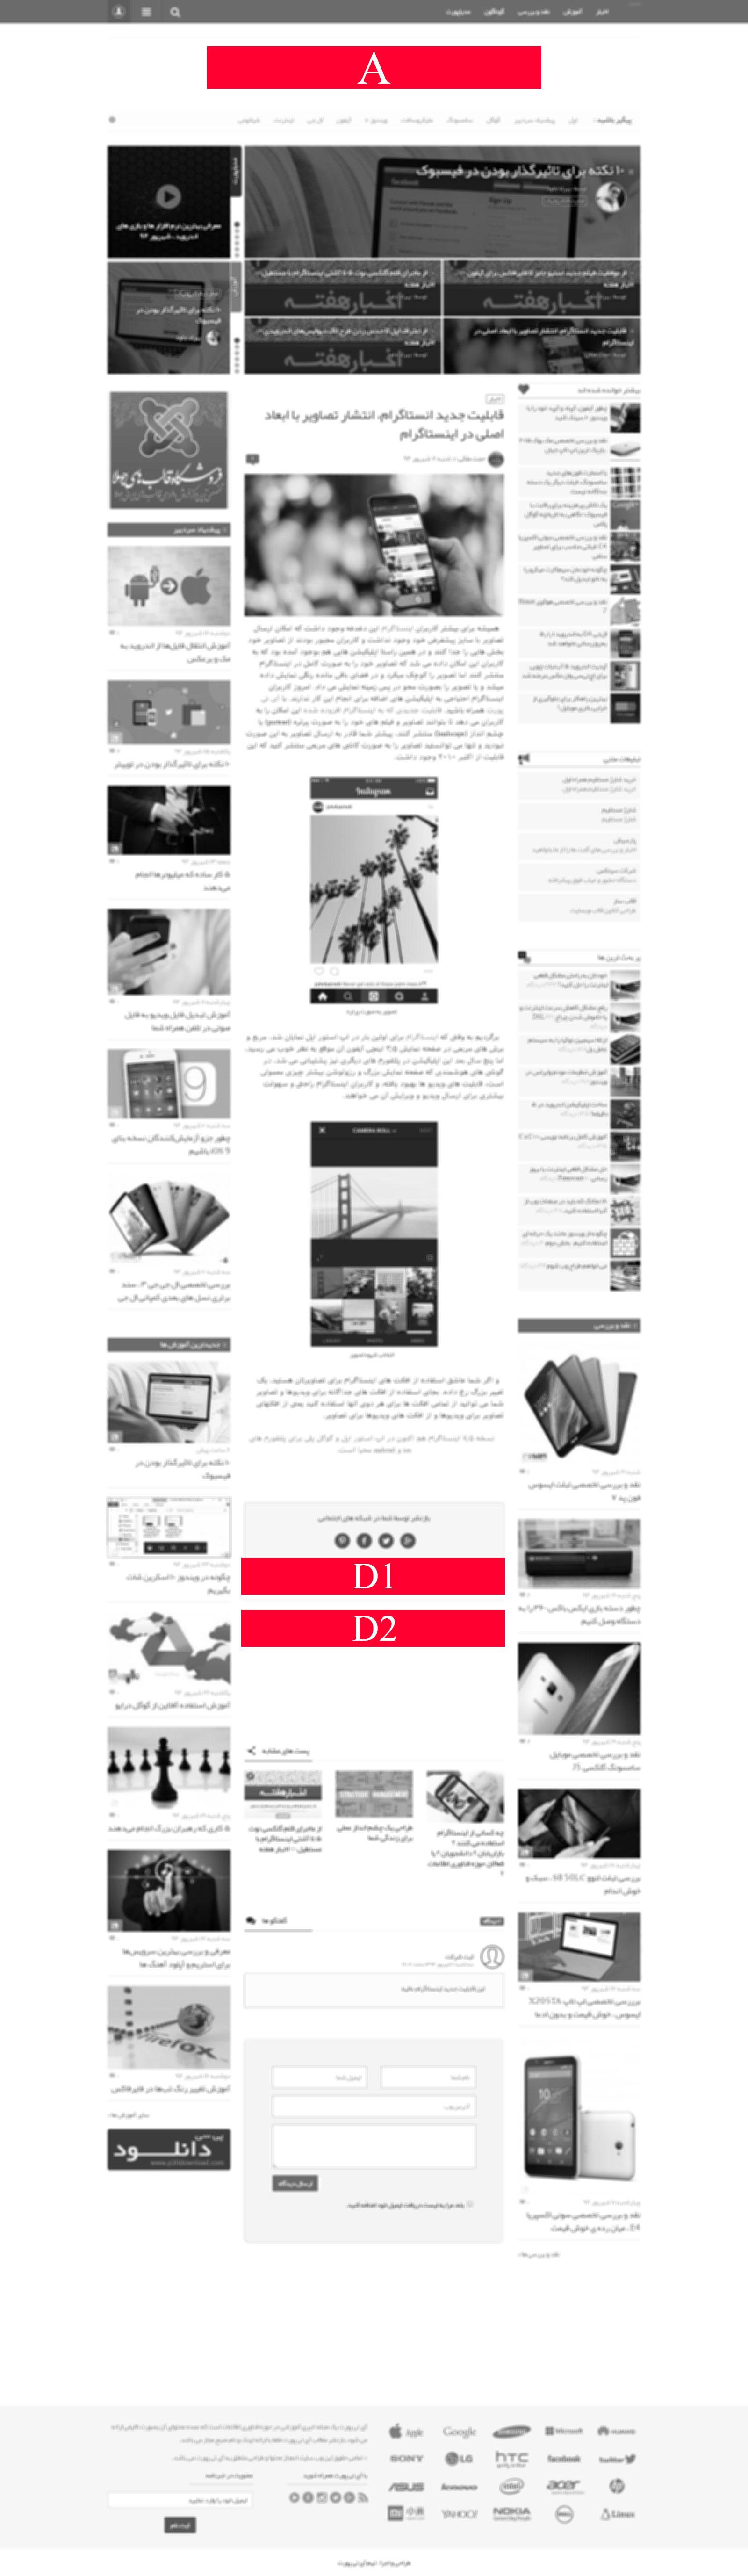 موقعیت پلن های تبلیغاتی آی تی پورت در صفحه اصلی